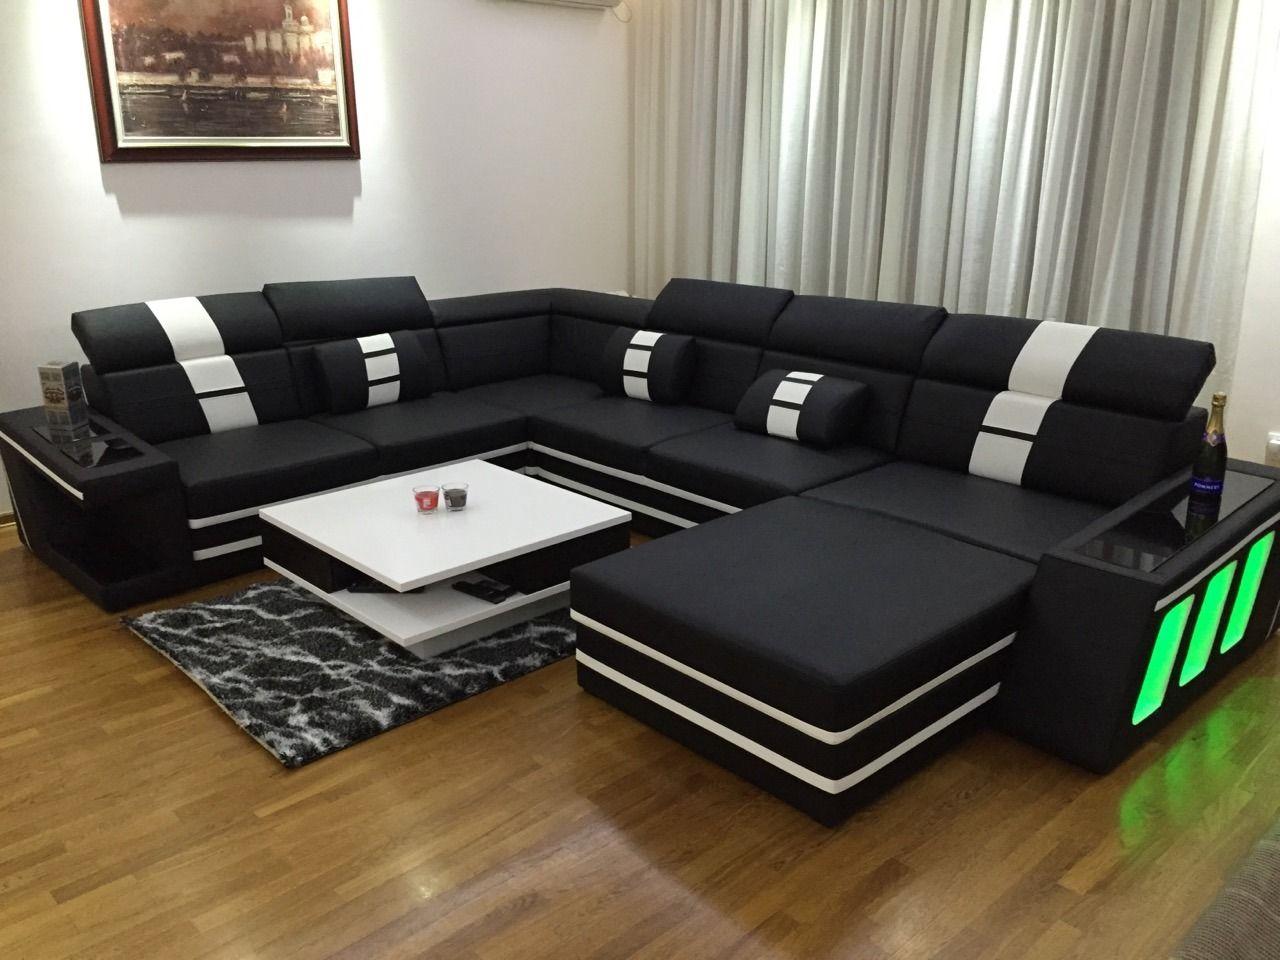 Designer Sofa Carezza Xxl Mit Led Beleuchtung Dieses Sofa Hat Ein Neues Zuhause Gefunden Sofa Set Designs Wohnzimmermobel Modern Sitzgruppe